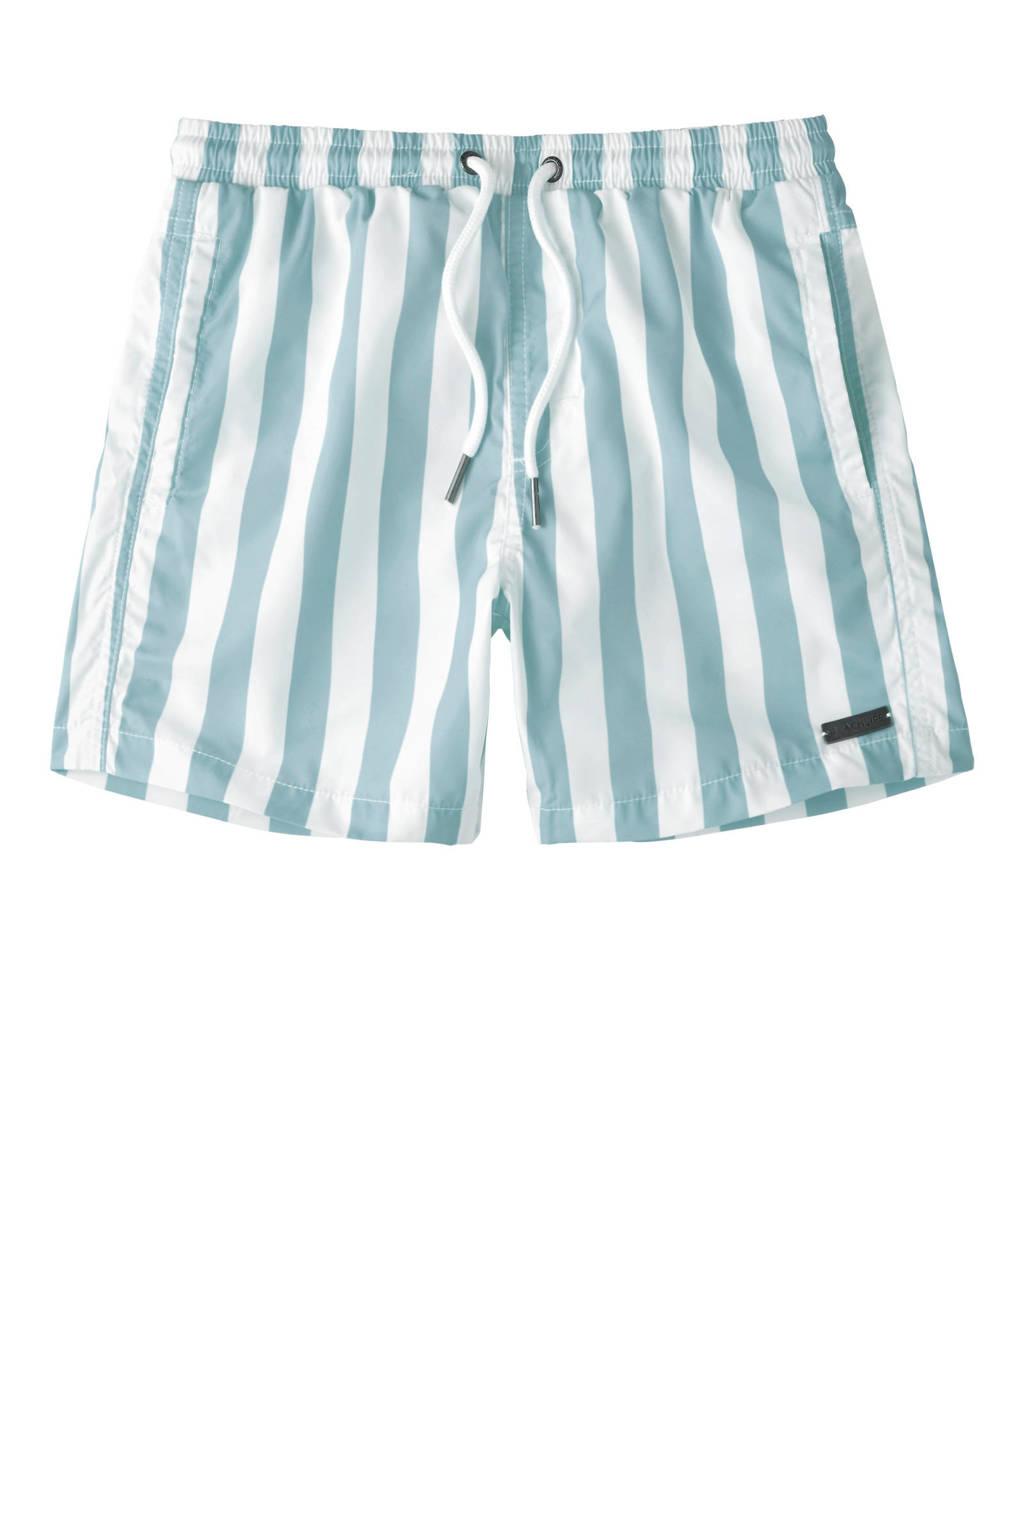 Beachlife gestreepte strandshort lichtblauw/wit, Lichtblauw/wit